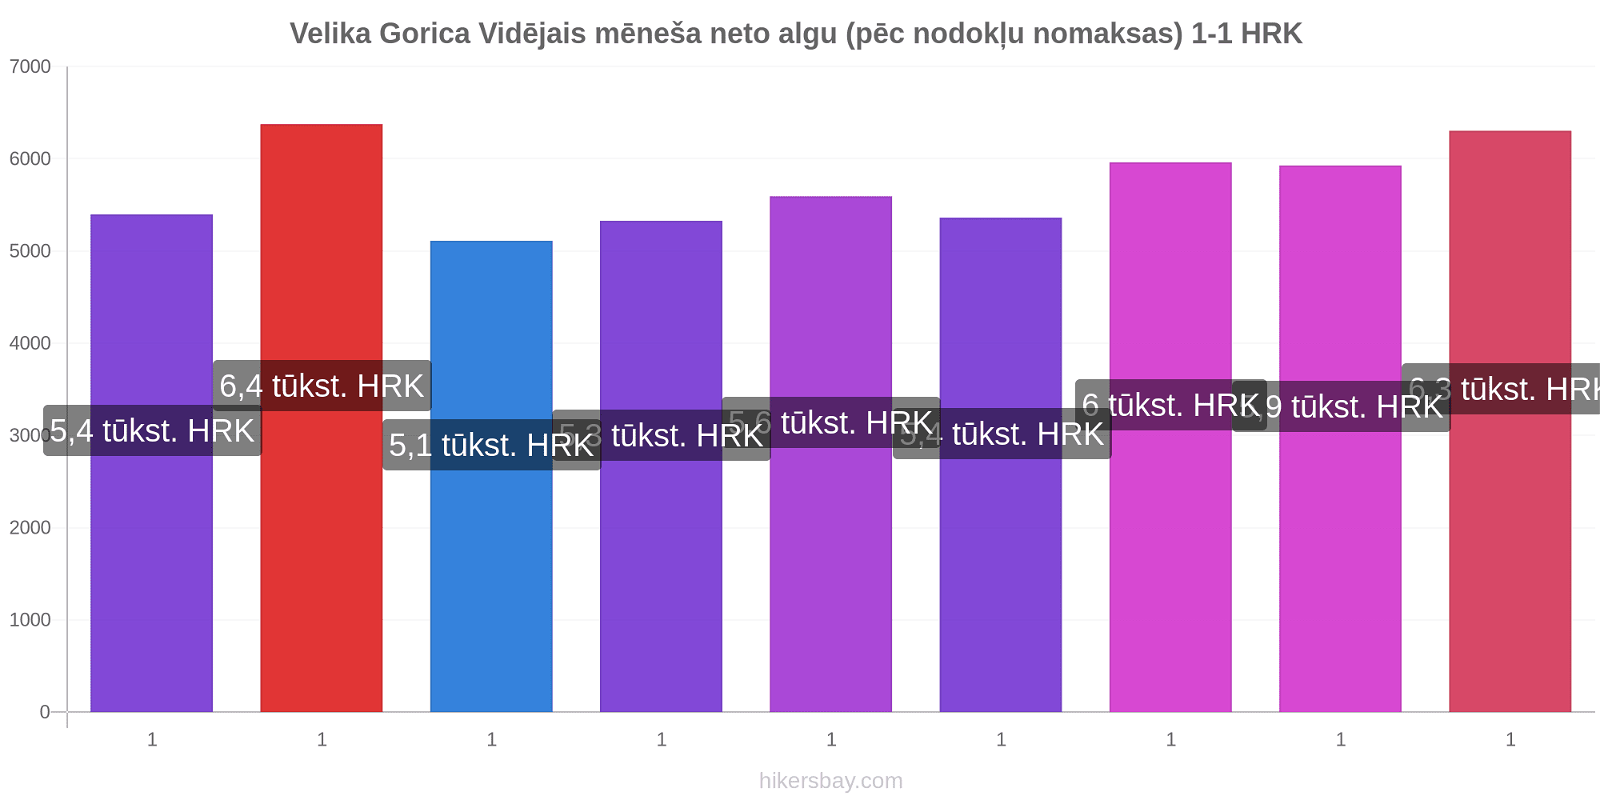 Velika Gorica cenu izmaiņas Vidējais mēneša neto algu (pēc nodokļu nomaksas) hikersbay.com